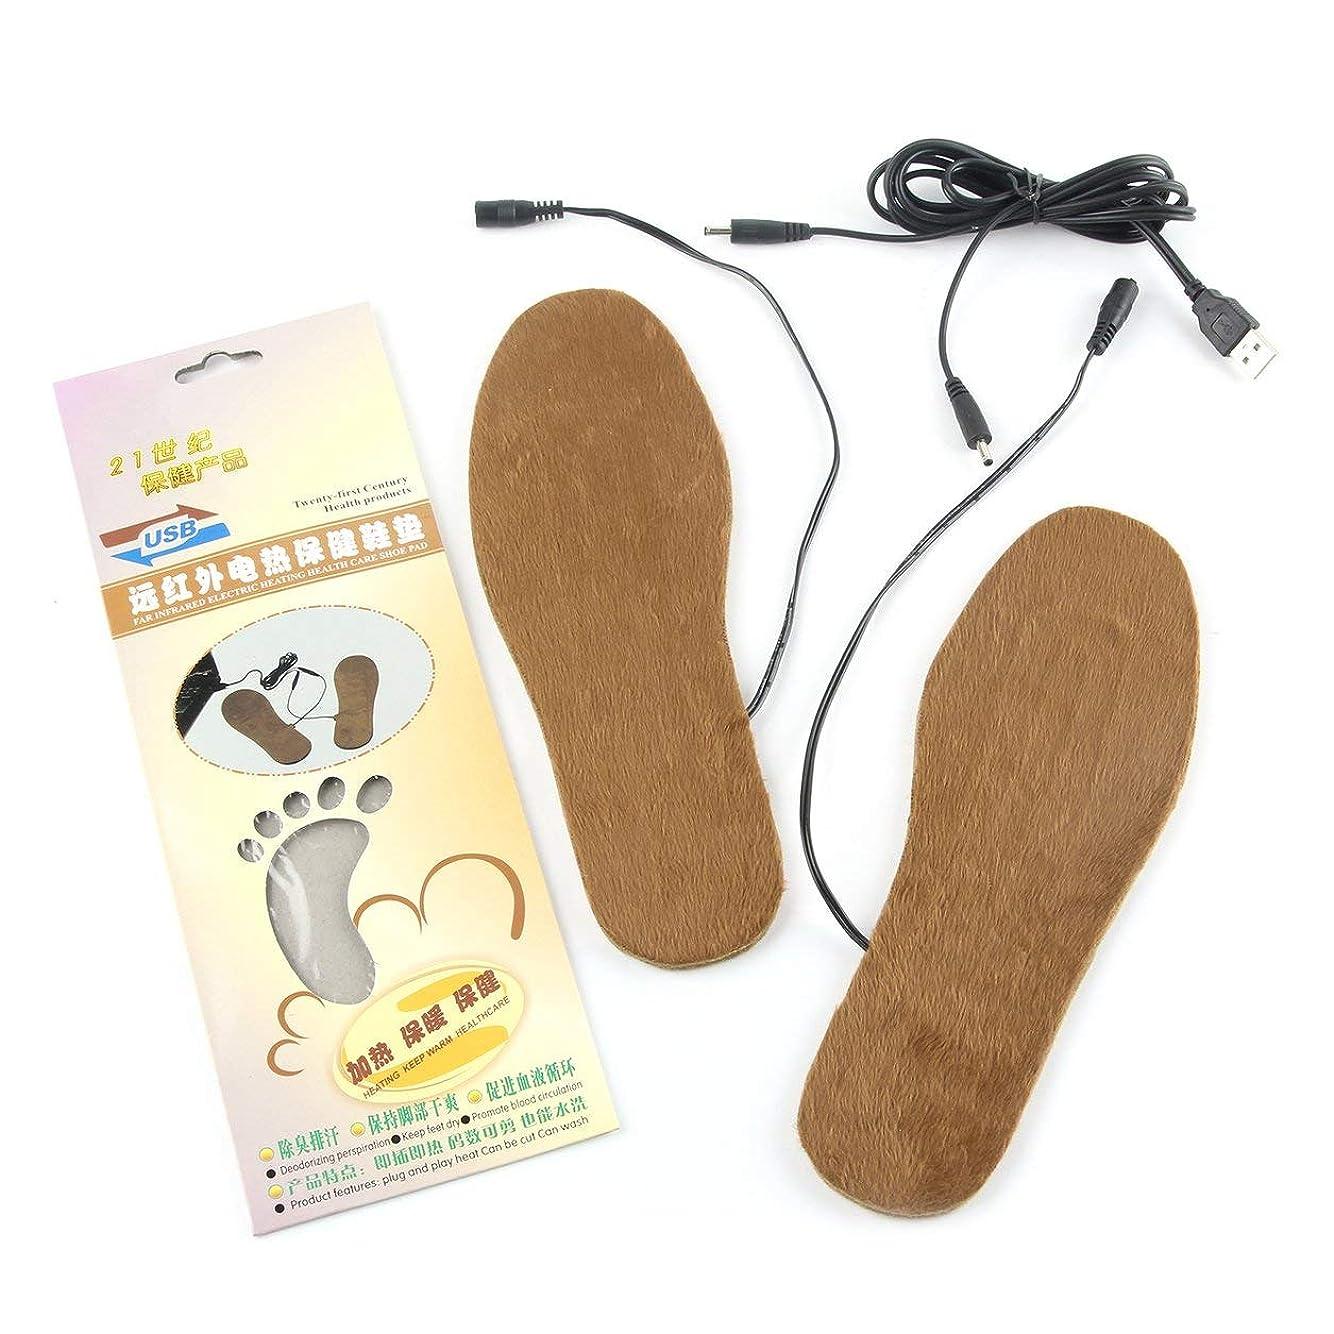 下品確かにおもちゃSaikogoods 1ペア切断可能冬のブーツインソールUSB温水フットウォーマーソフトシューズパッドクッション快適な靴のアクセサリー 淡い茶色 男性用